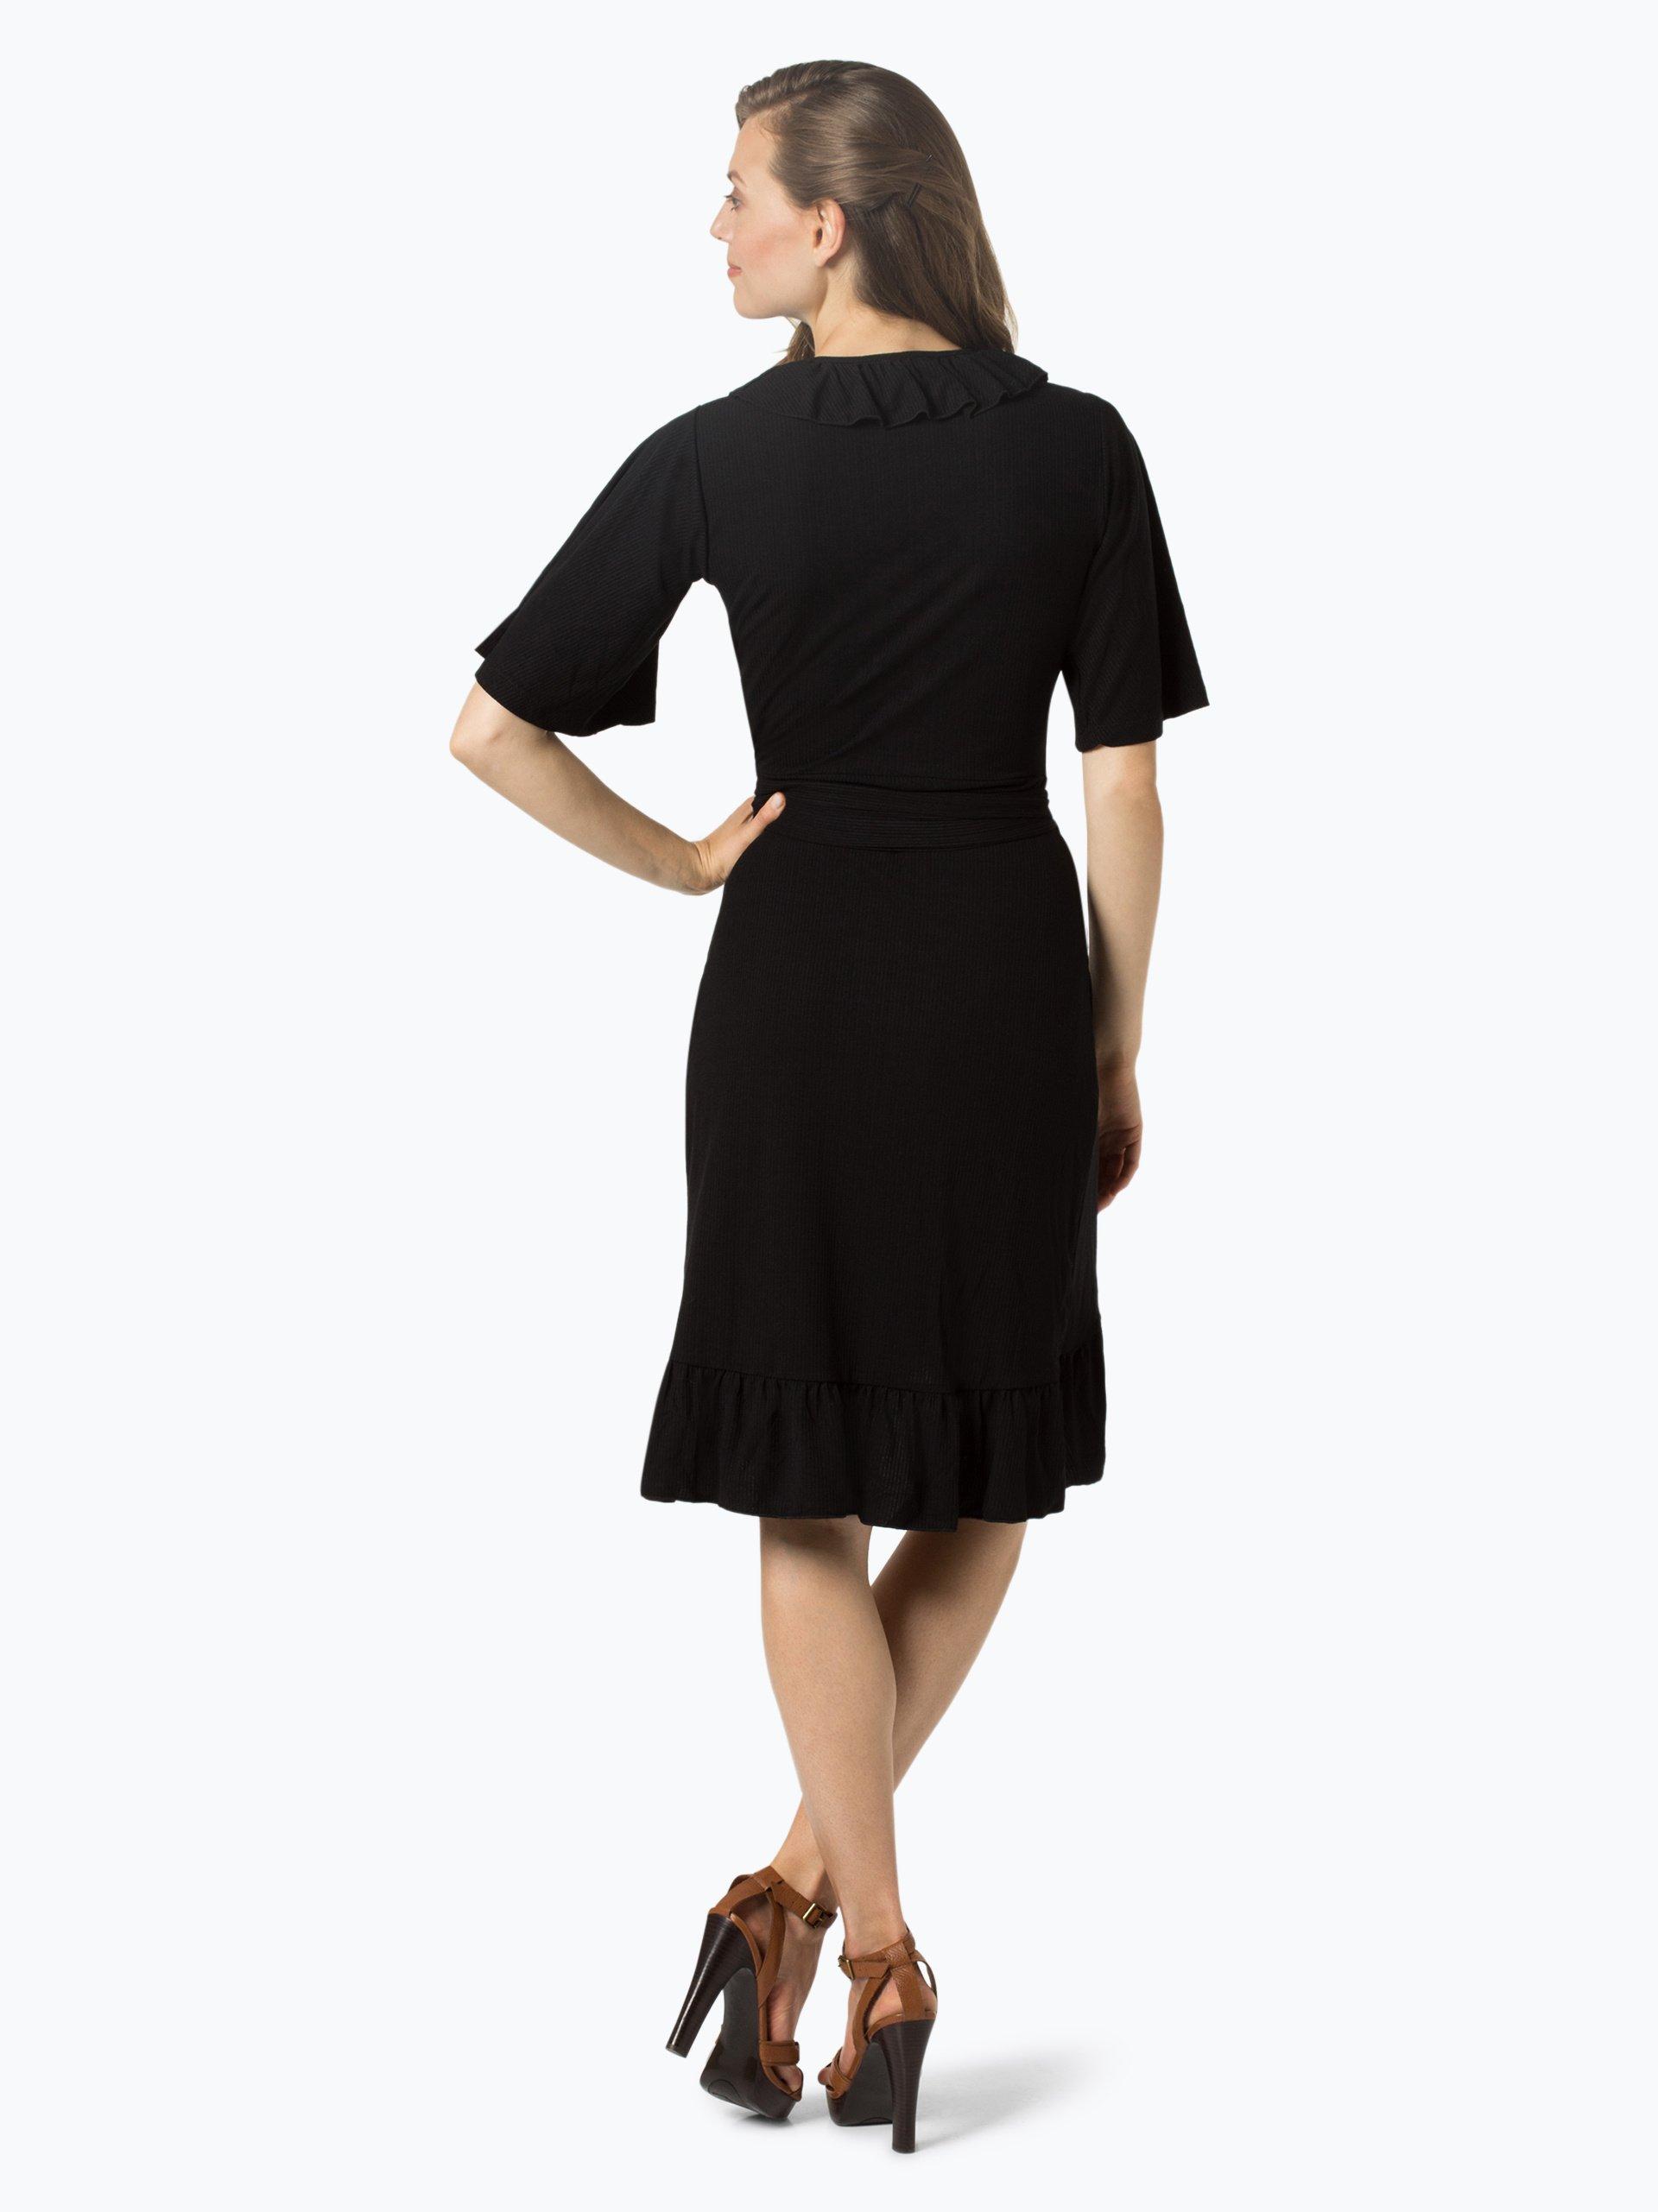 Y.A.S Damen Kleid - Yassaichi online kaufen | PEEK-UND ...